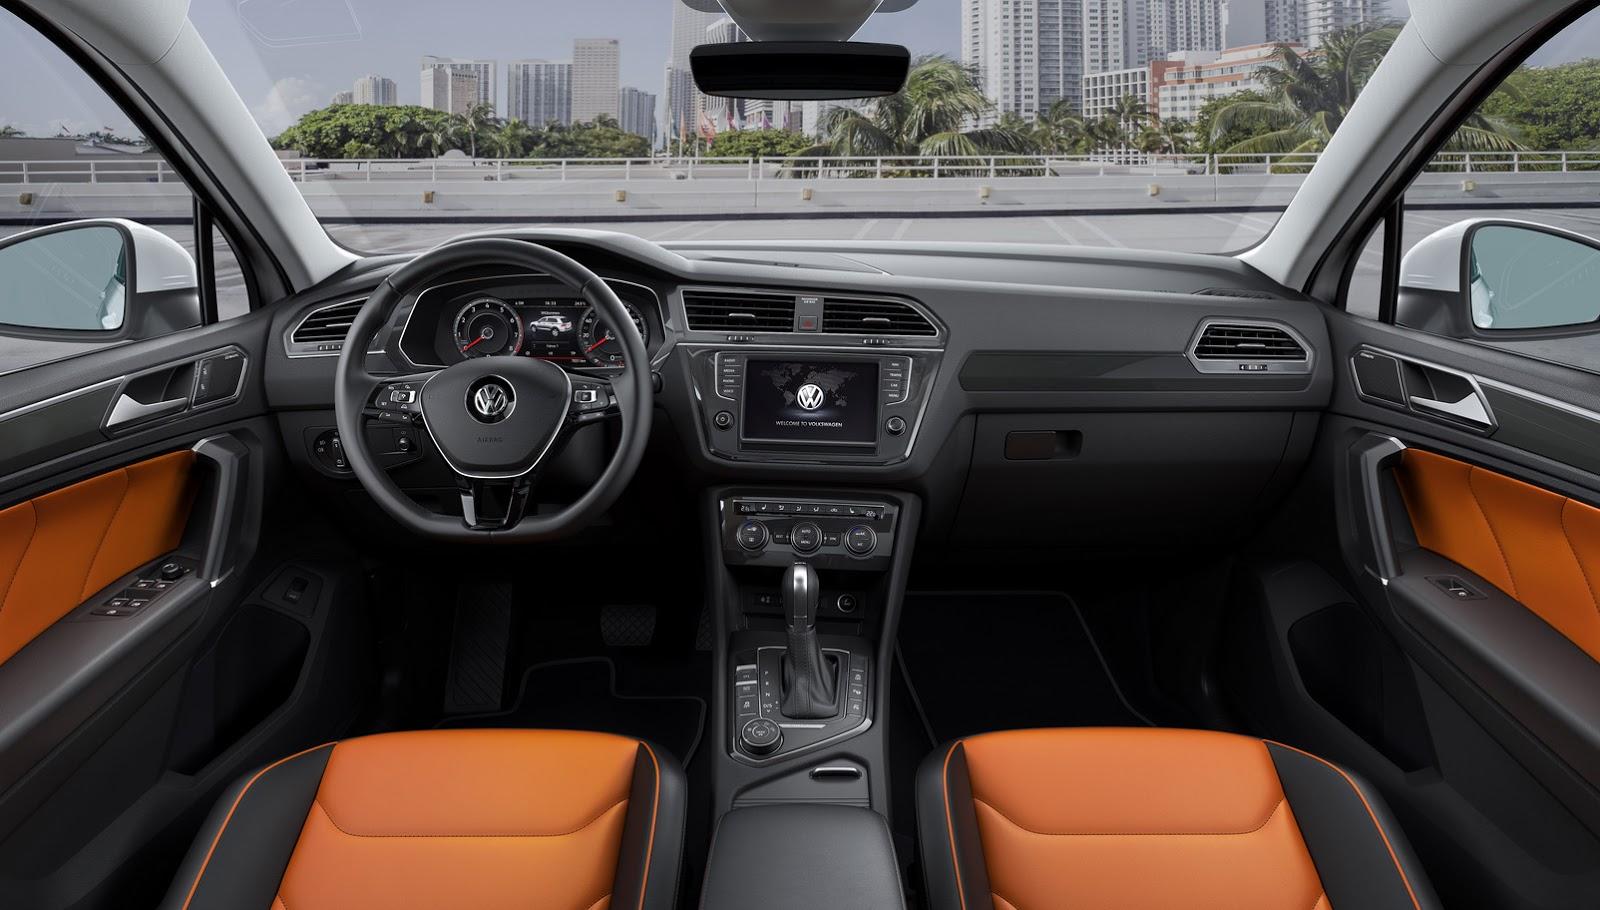 Nuovo-Tiguan-Volkswagen-2016-2017-17